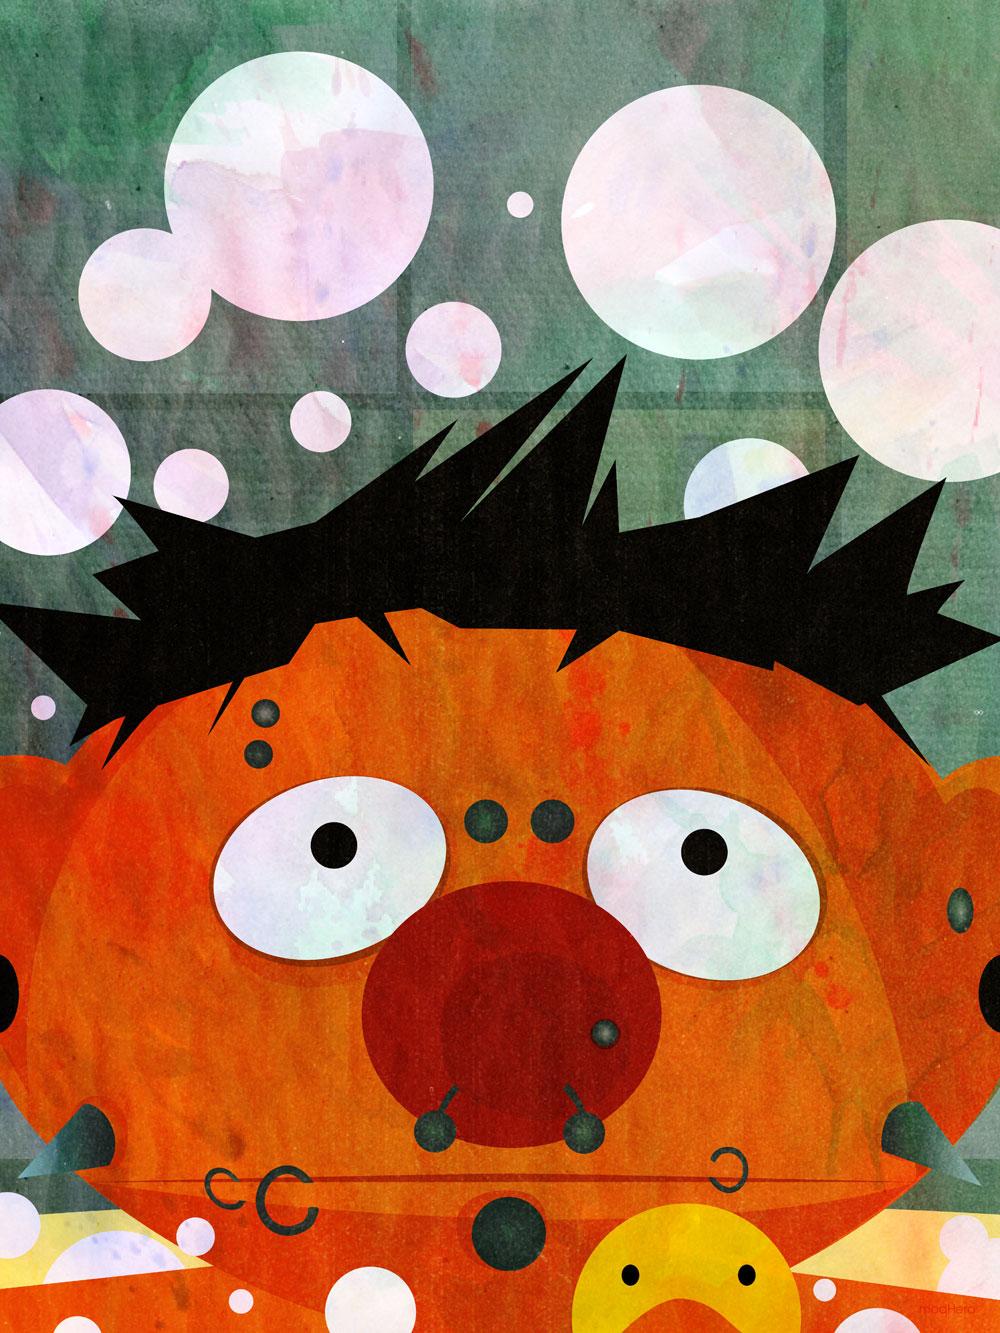 Ernie by RoganJoshNYC